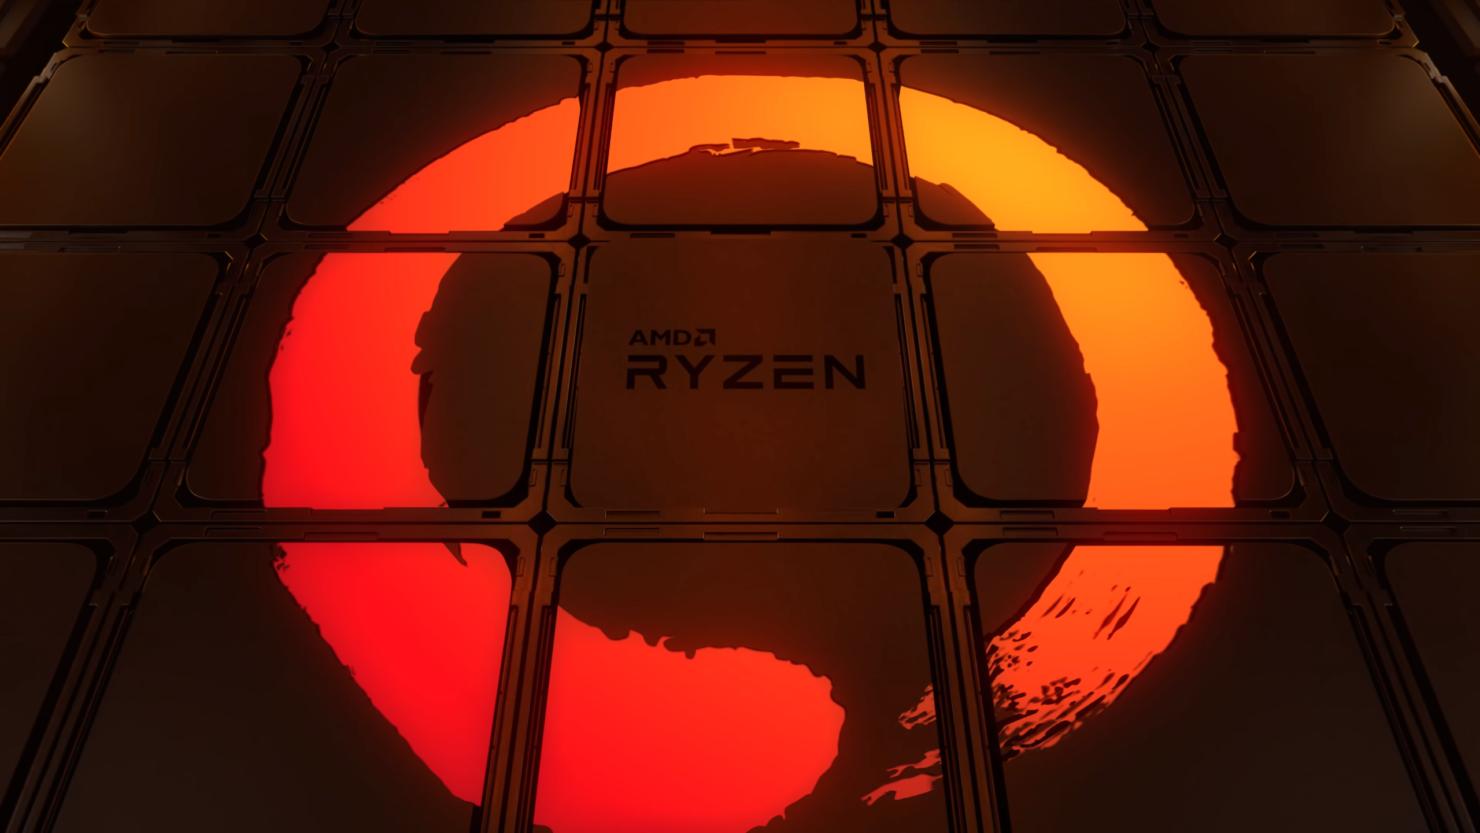 amd-readies-entry-level-ryzen-5-4500,-ryzen-3-4100-&-athlon-gold-4100ge-cpus-based-on-zen-2-architecture